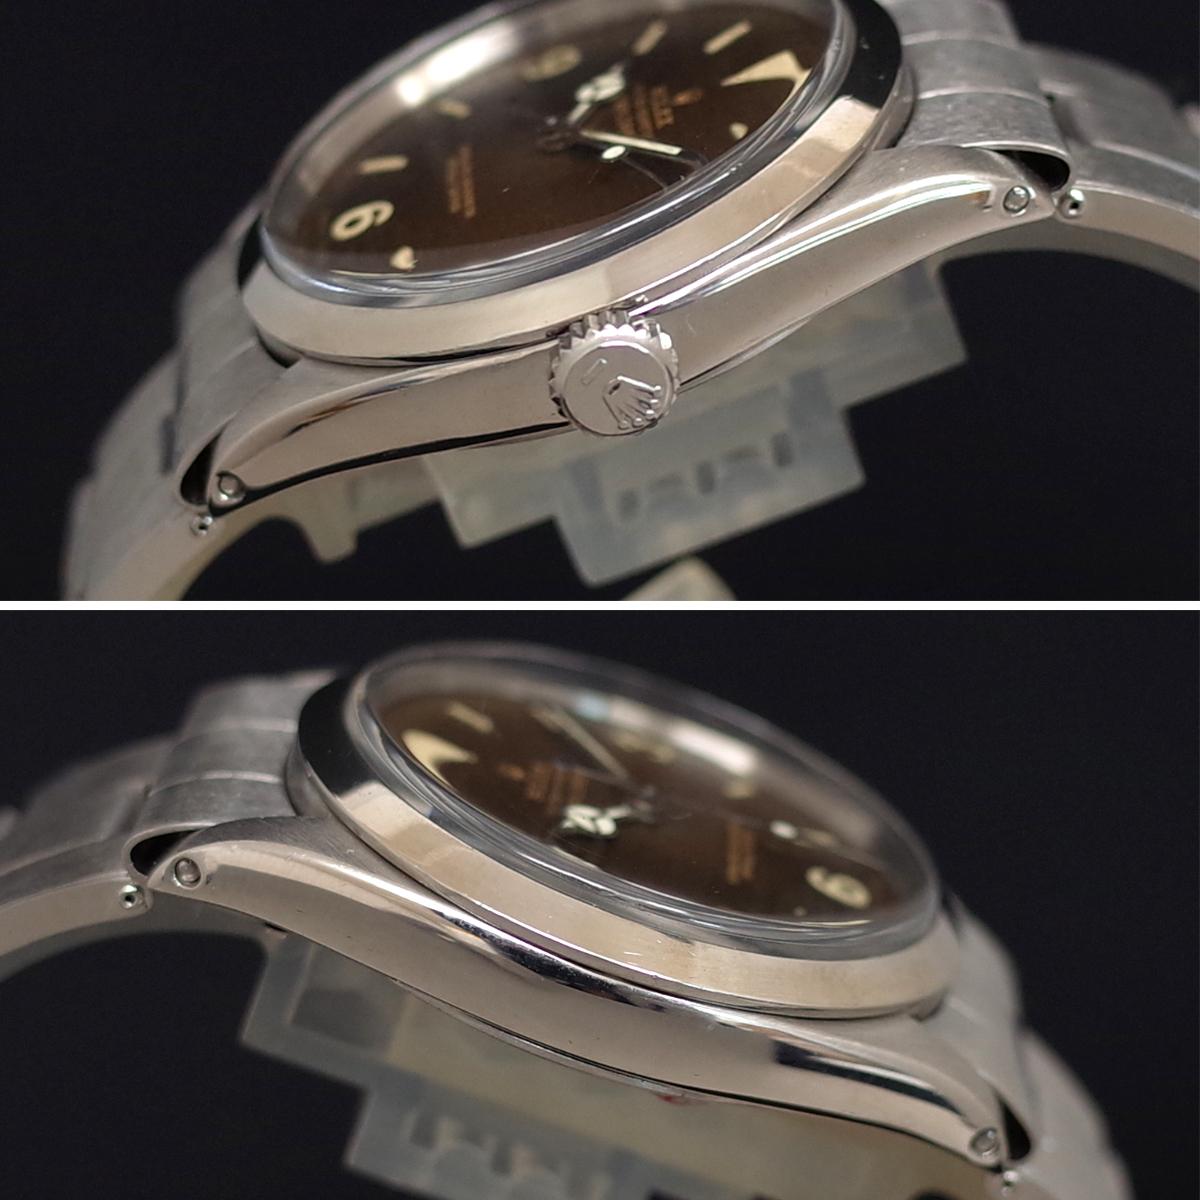 OH済み♪ロレックス【エクスプローラーⅠ/Ref.1016】トロピカルブラウン 1965年製 ミラーダイヤル 自動巻 cal.1560 ROLEX 1年保証_画像5